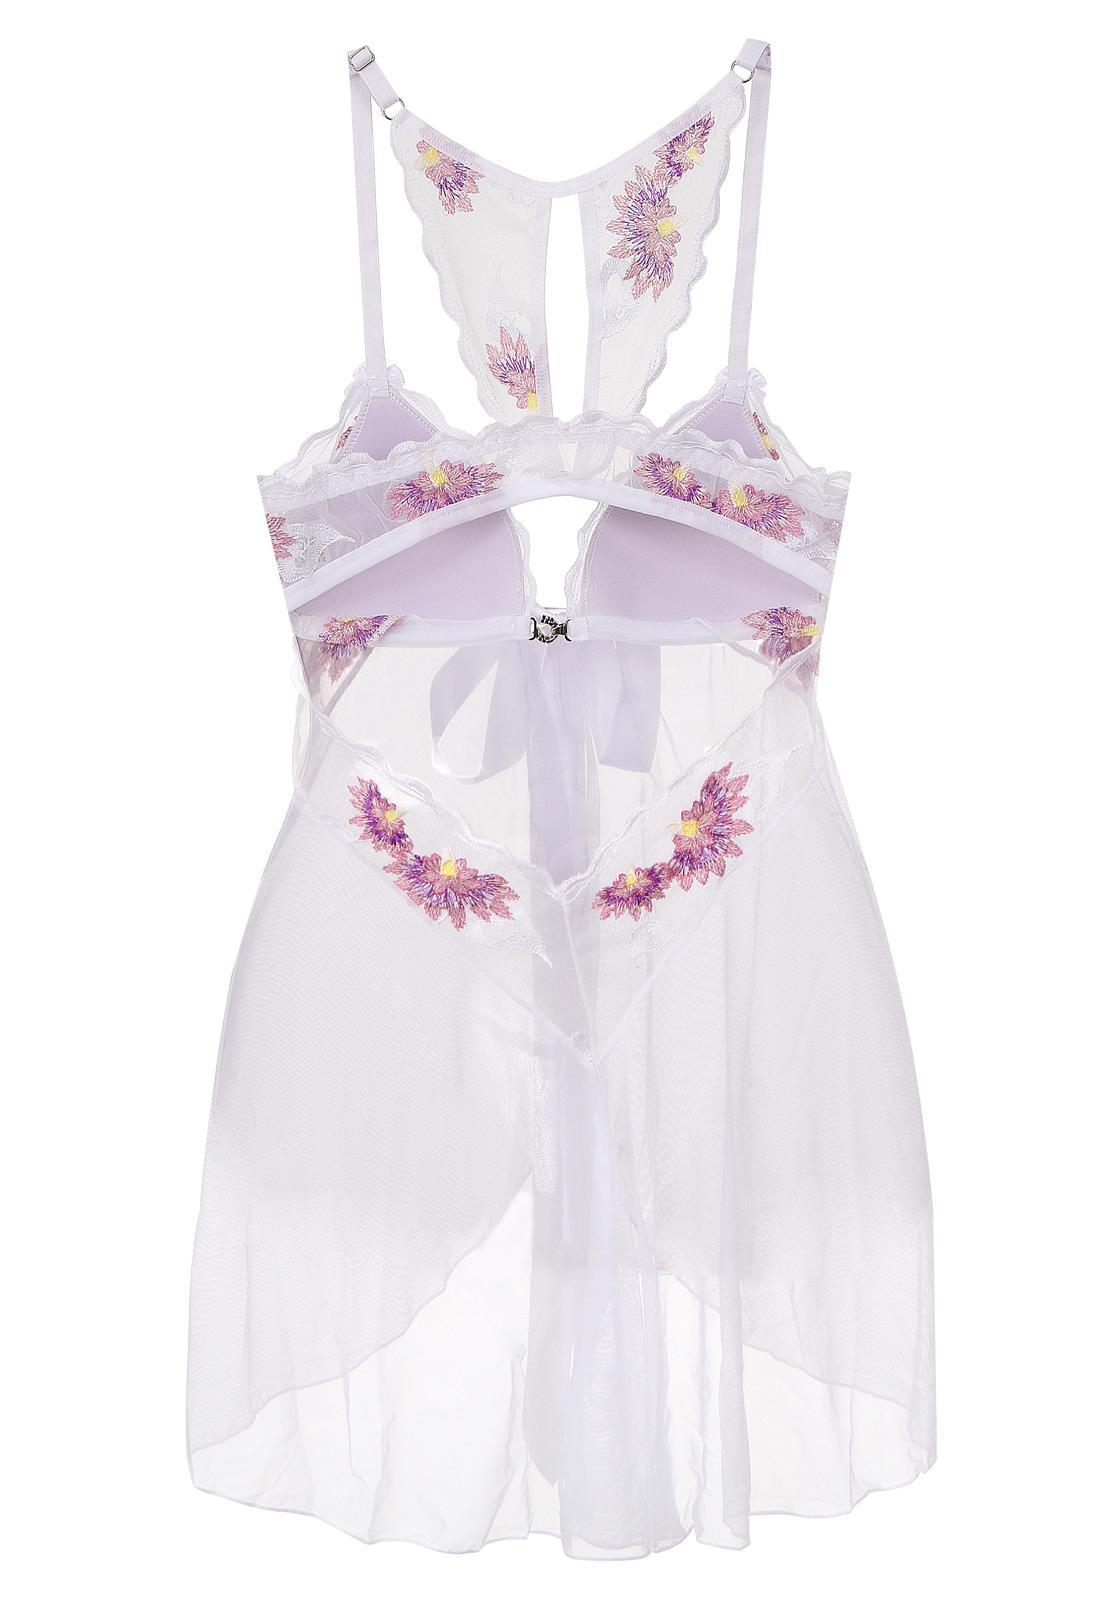 5cd7be033 Camisola Bordada de Tule Gisele Sapeka - Sofisticado e Elegante